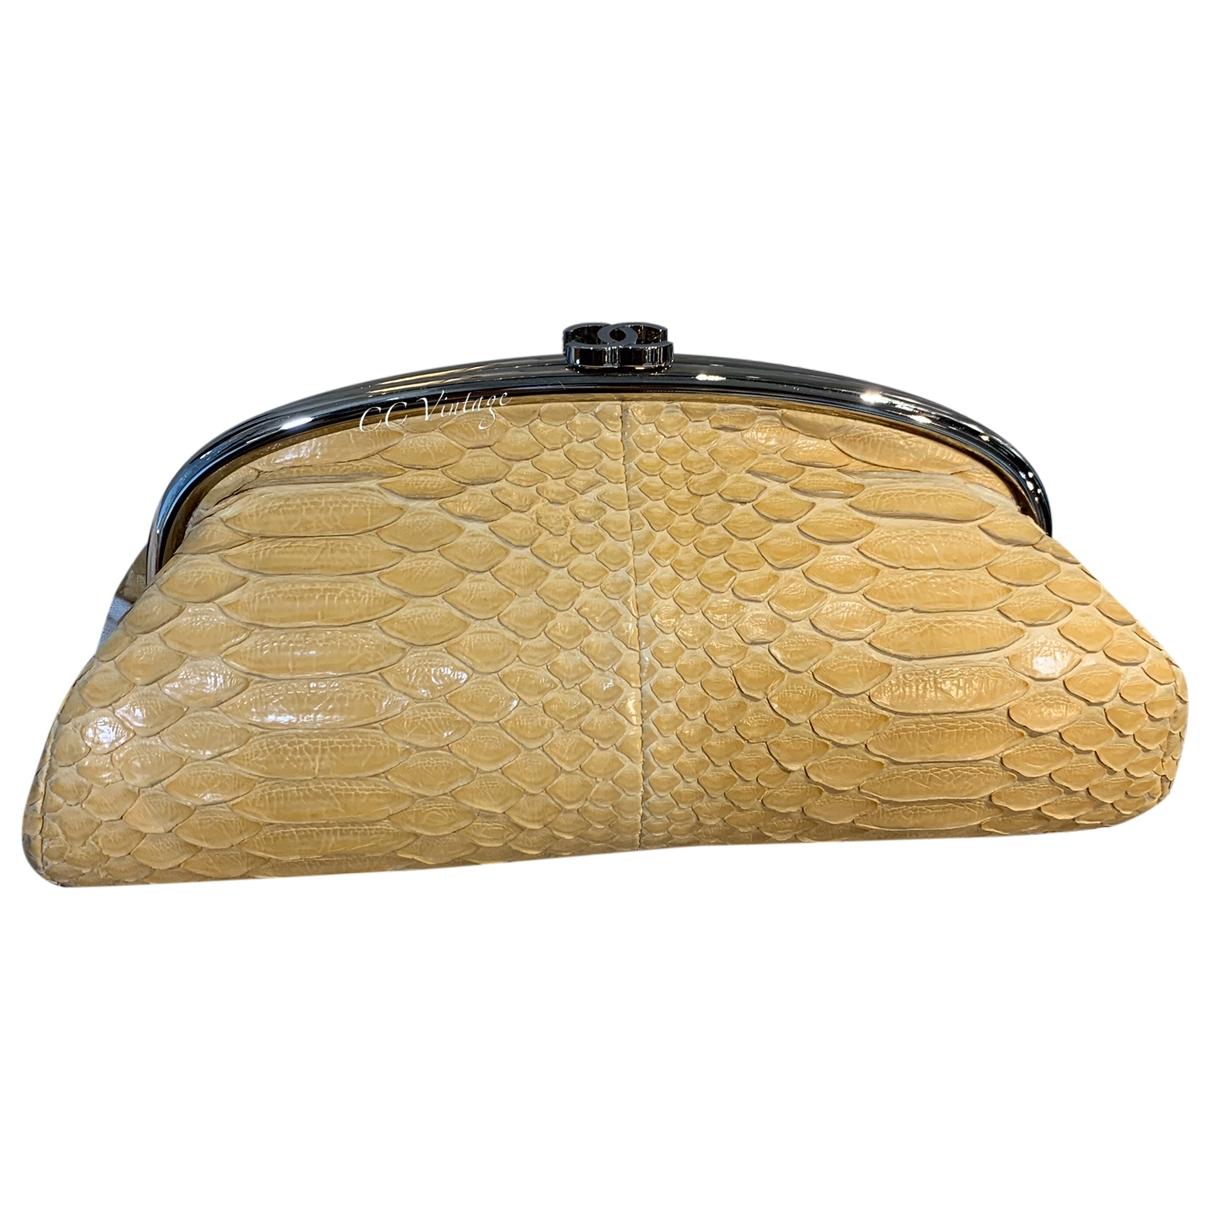 Chanel - Pochette   pour femme en python - jaune